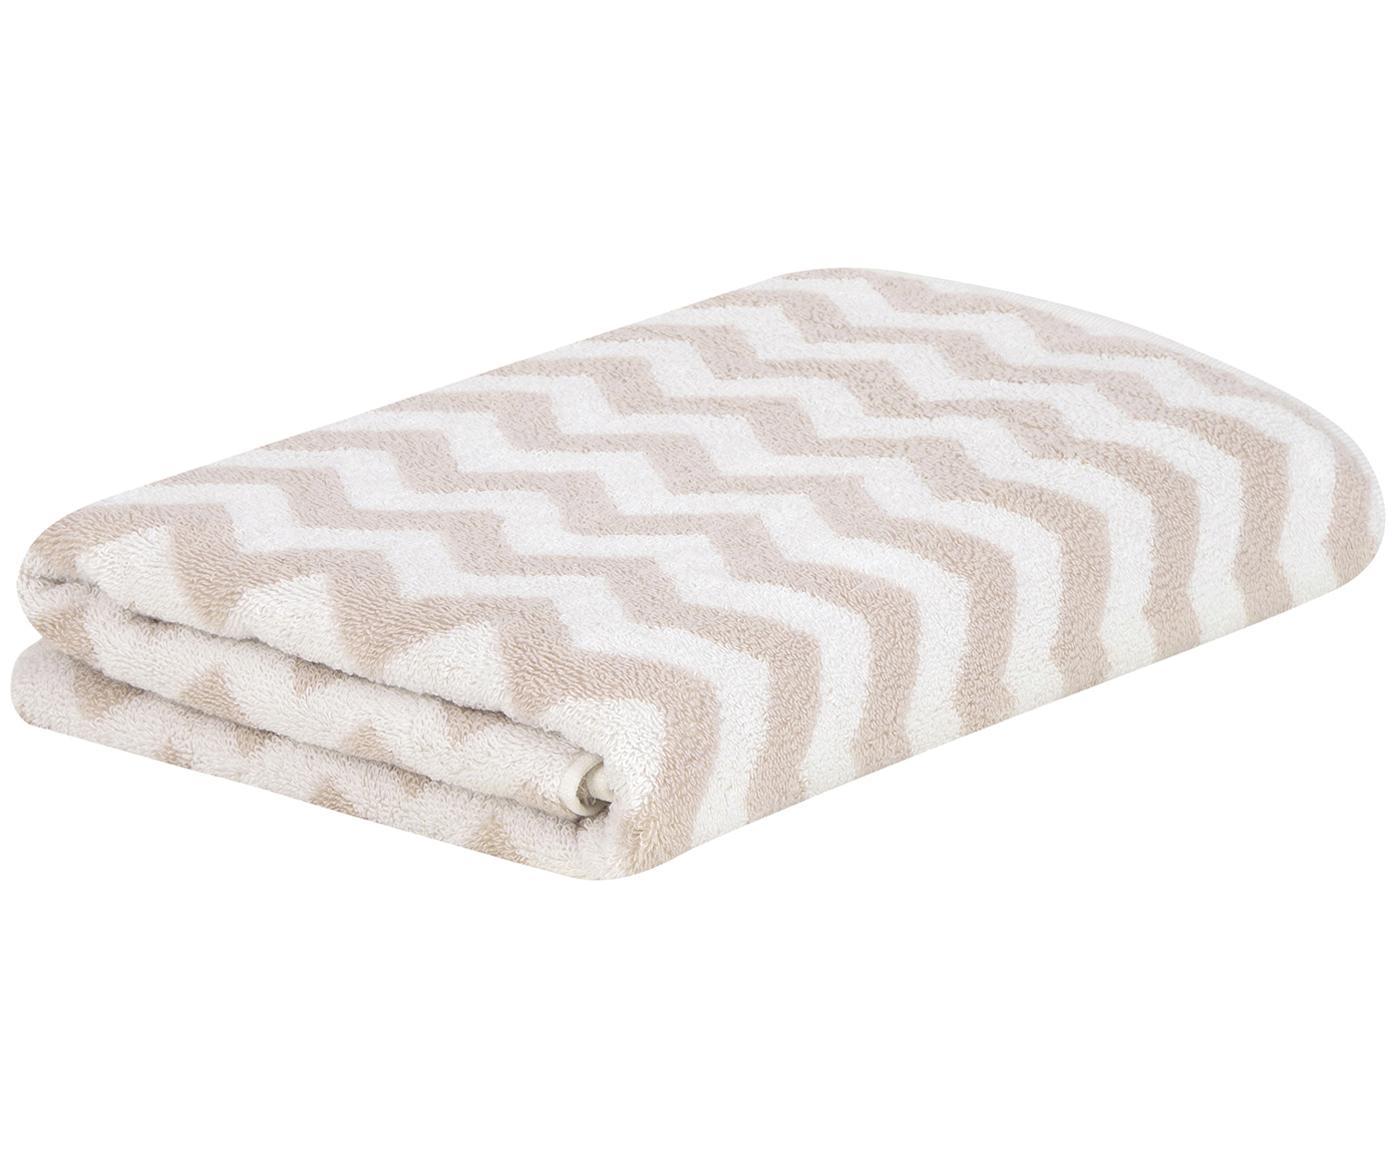 Handdoek Liv met zigzag patroon, 100% katoen, middelzware kwaliteit, 550 g/m², Zandkleurig, crèmewit, Handdoek